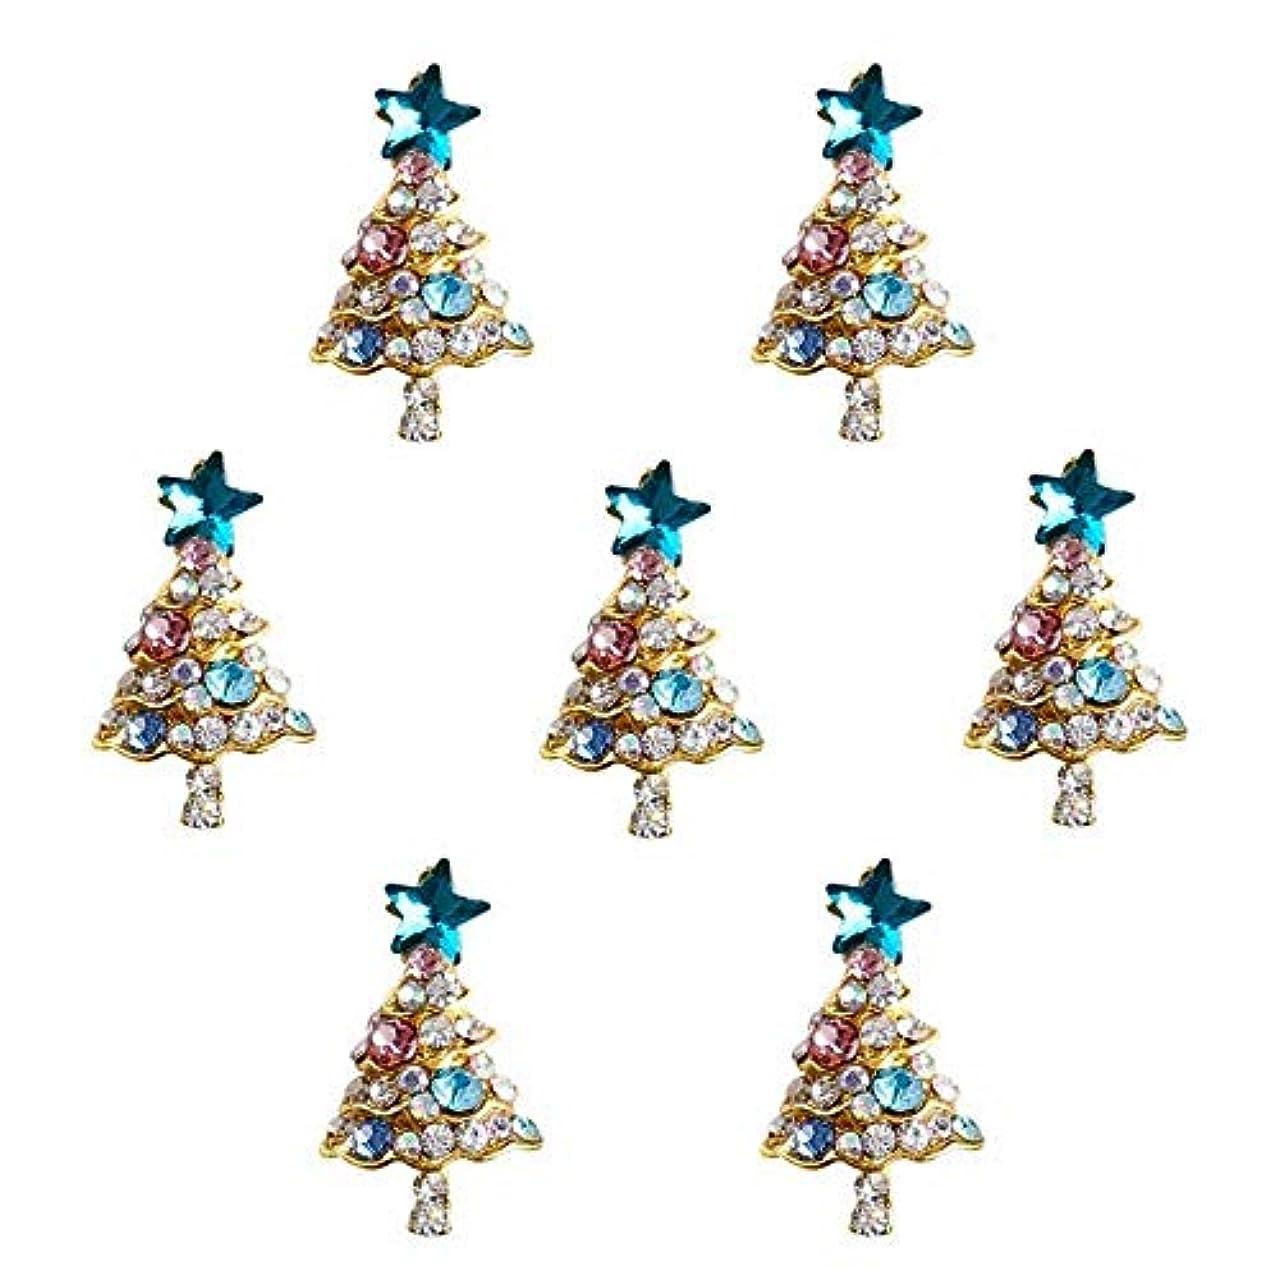 春とても多くの出血10個入り/ロット3Dラインストーンの装飾ブルーグリッタースタークリスマスツリーのデザイン接着剤ネイルアートDIYスタッドは、合金用品